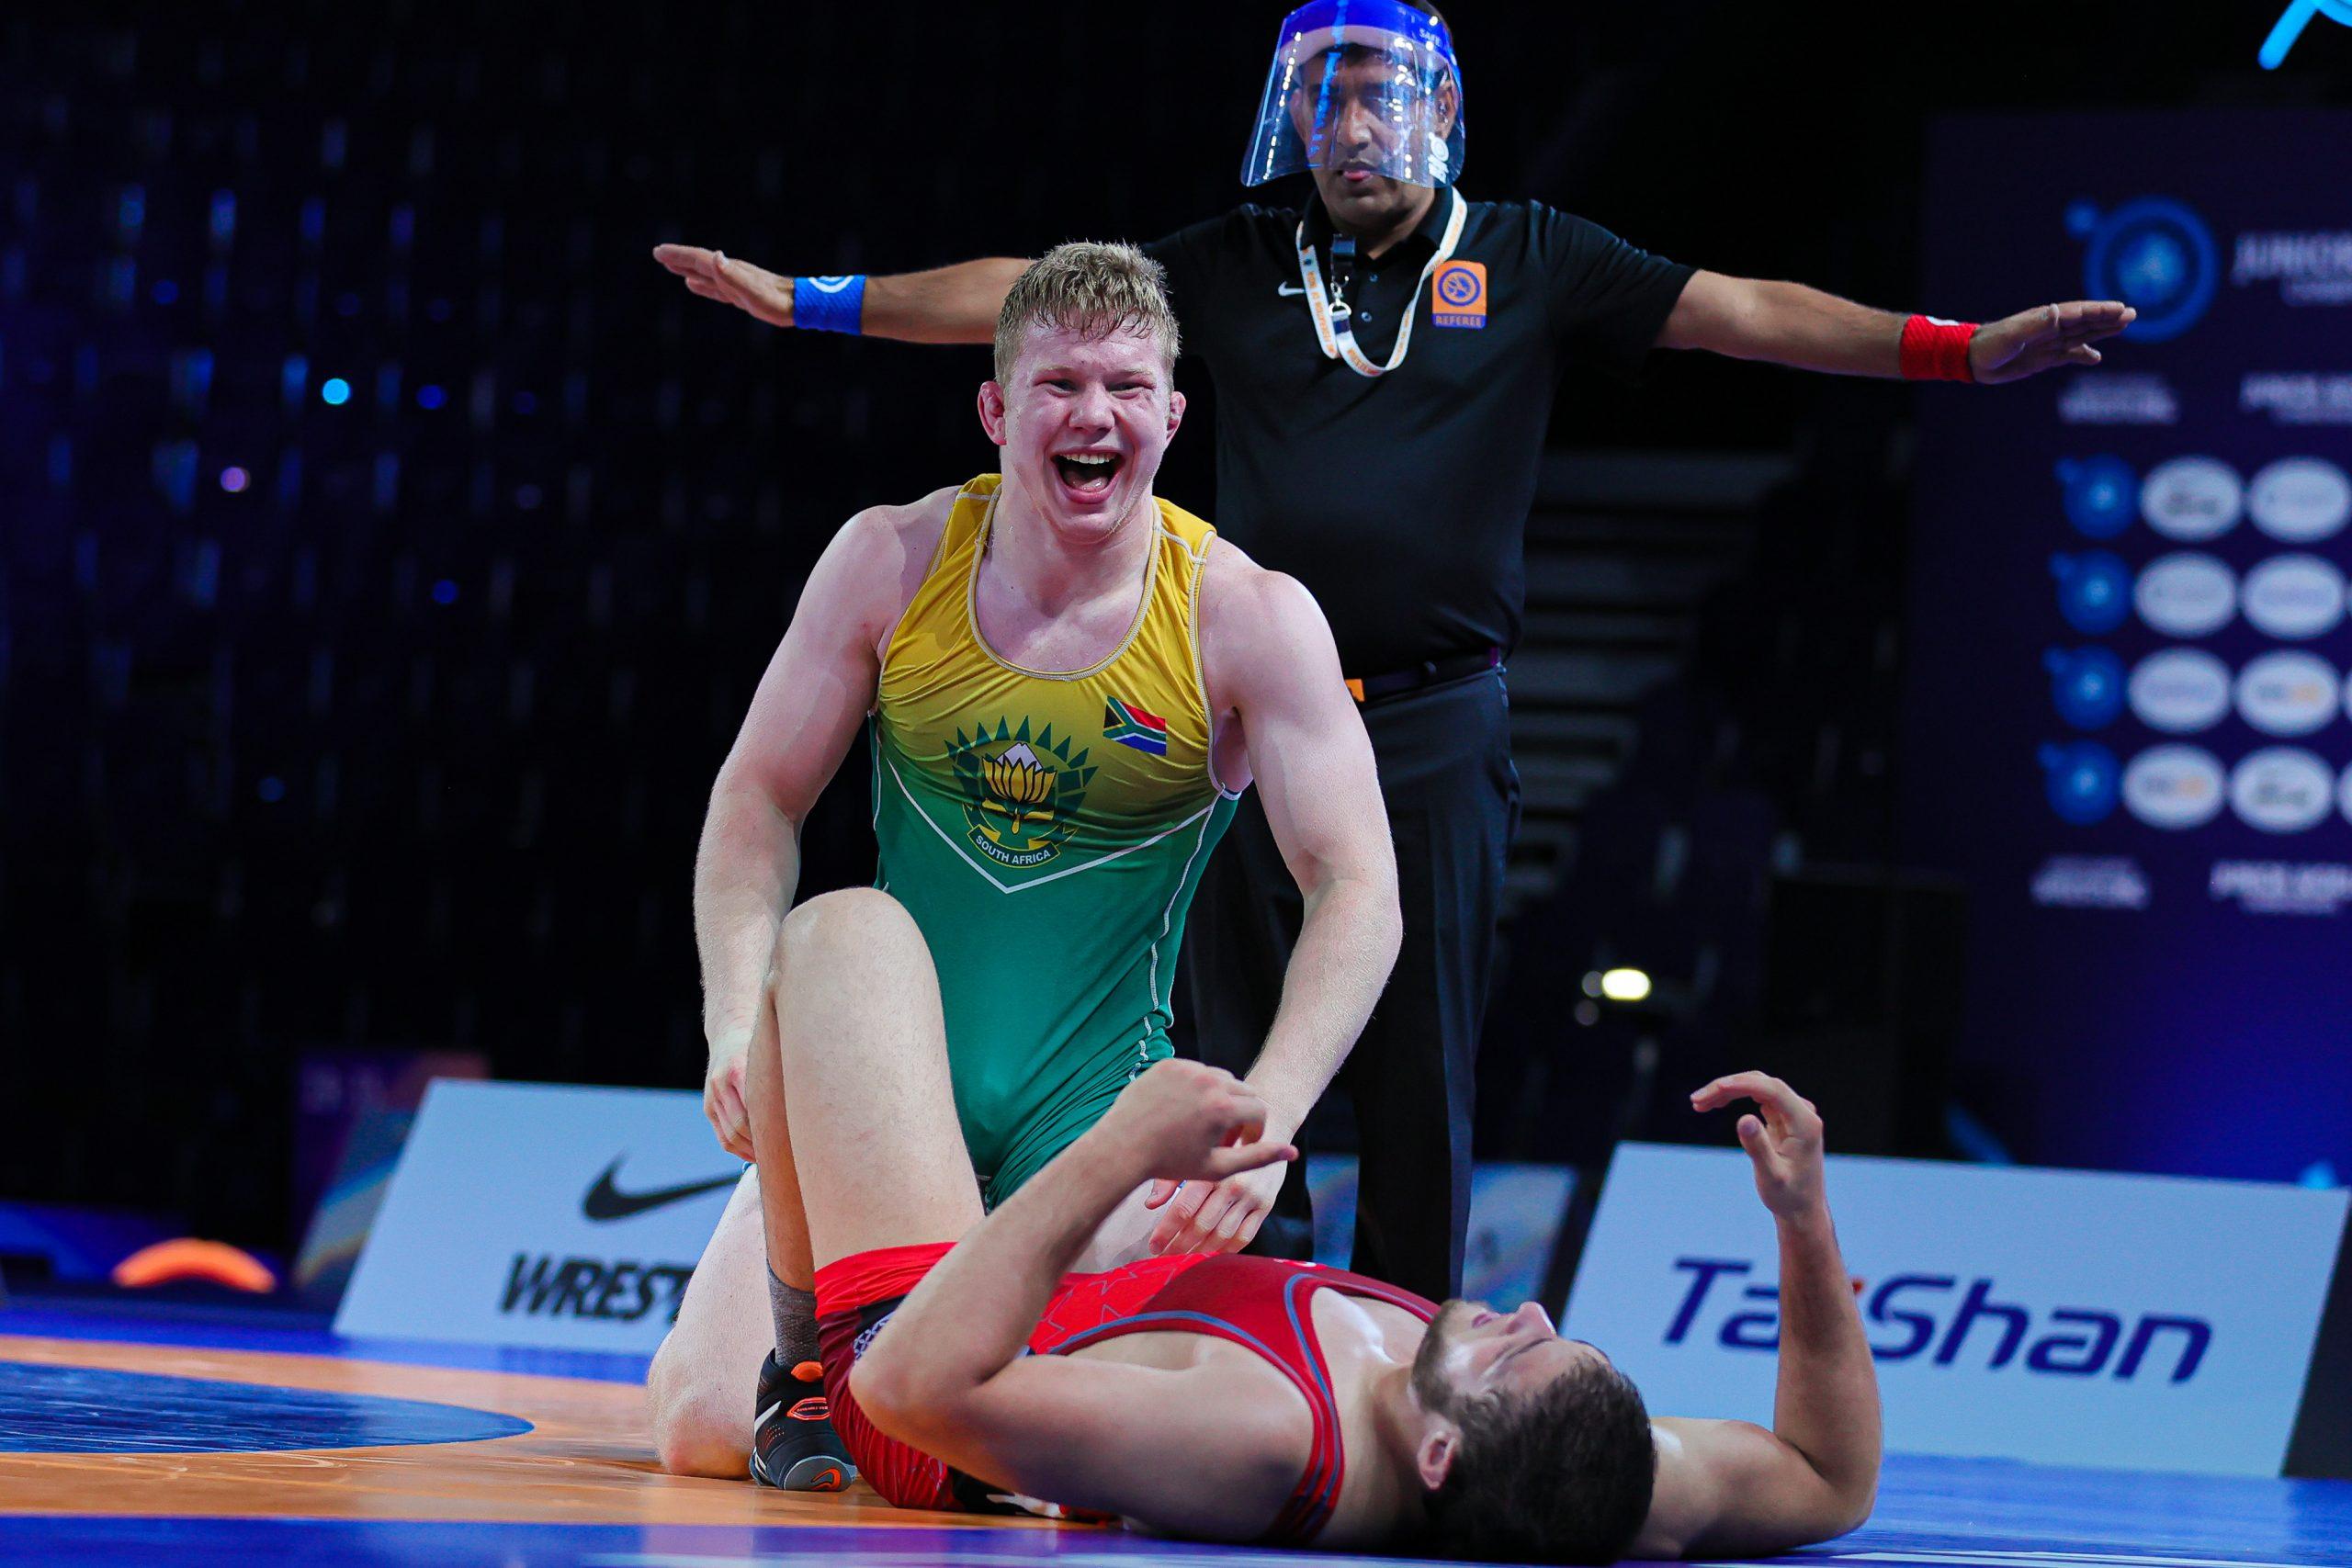 De Lange wrestles his way to bronze in Junior Worlds